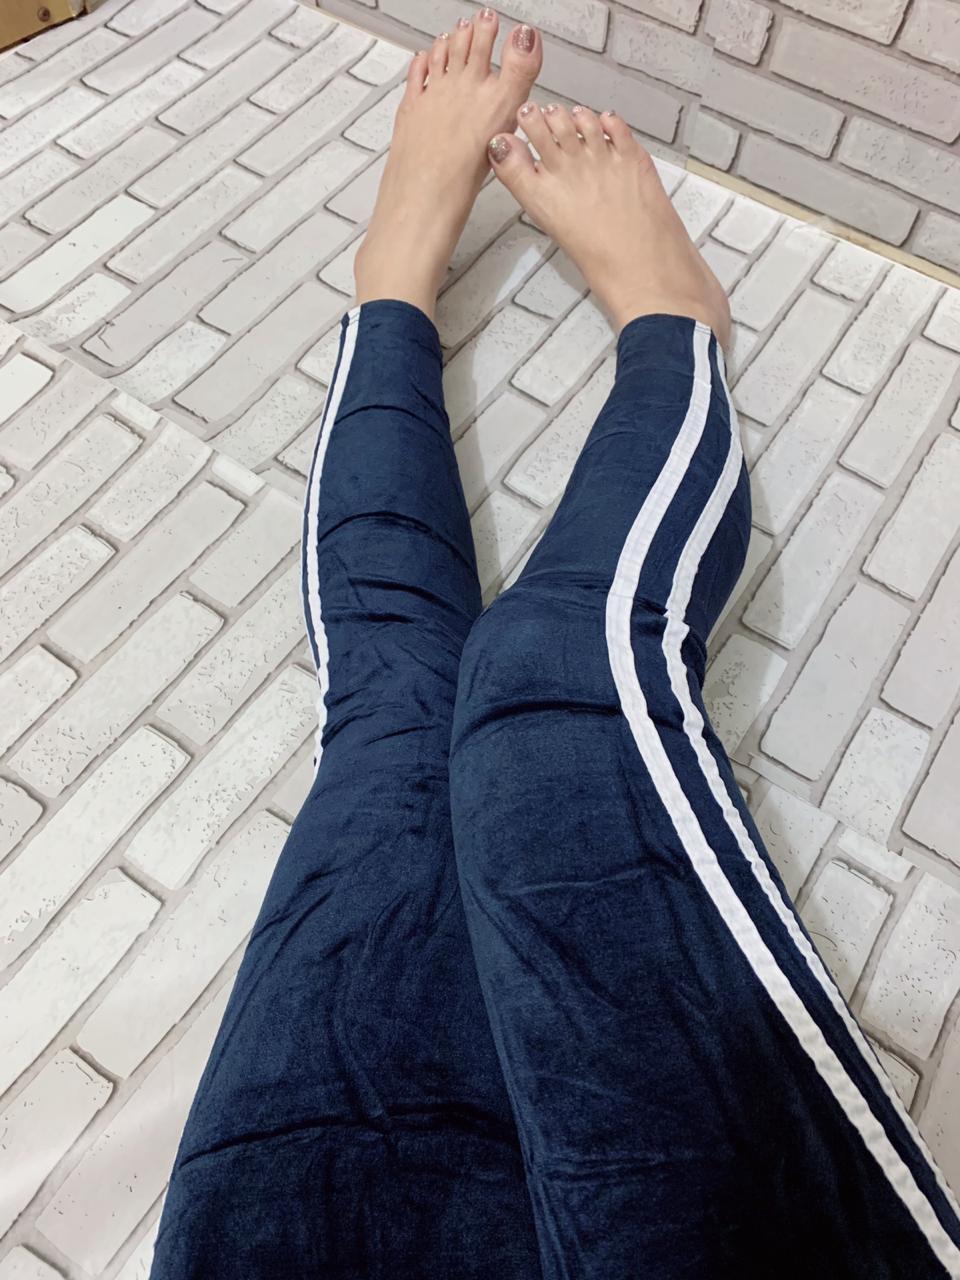 Celana Legging Import Wanita Bahan Bludru List Putih 08 Warna Navy Dan Hitam Lazada Indonesia